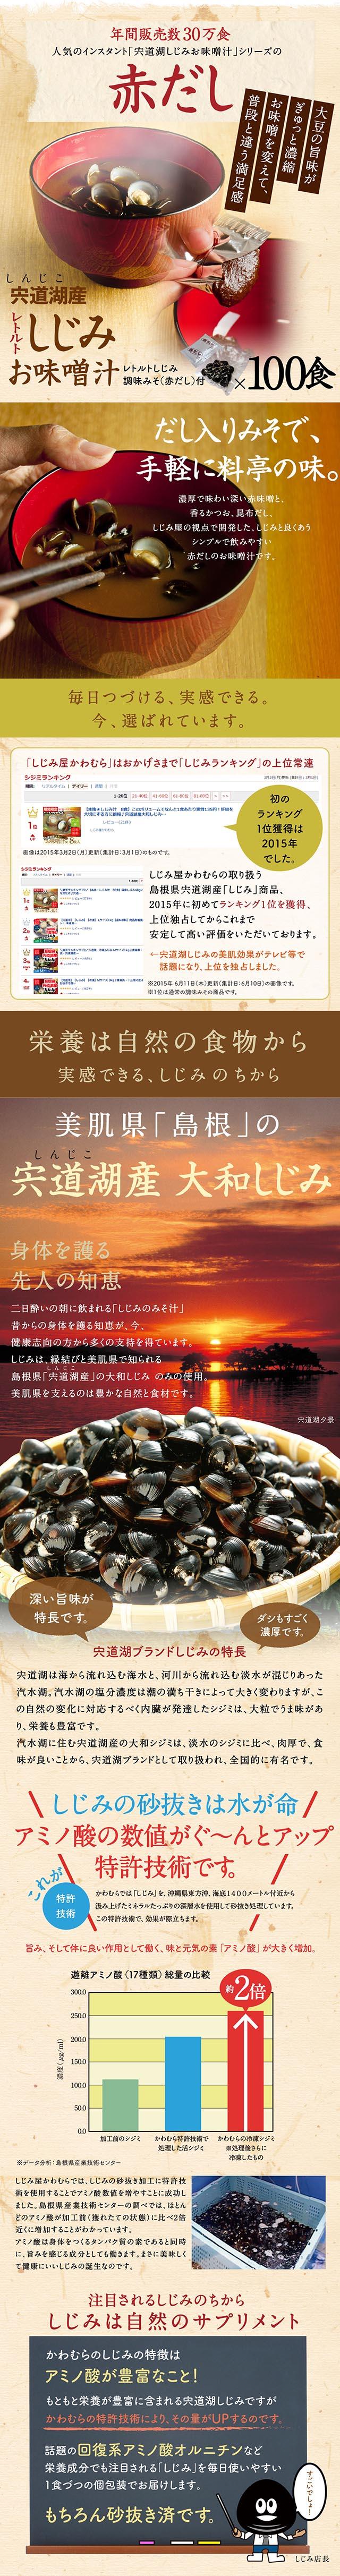 人気のレトルト宍道湖産しじみお味噌汁に赤だしタイプの調味味噌が登場しました。30食